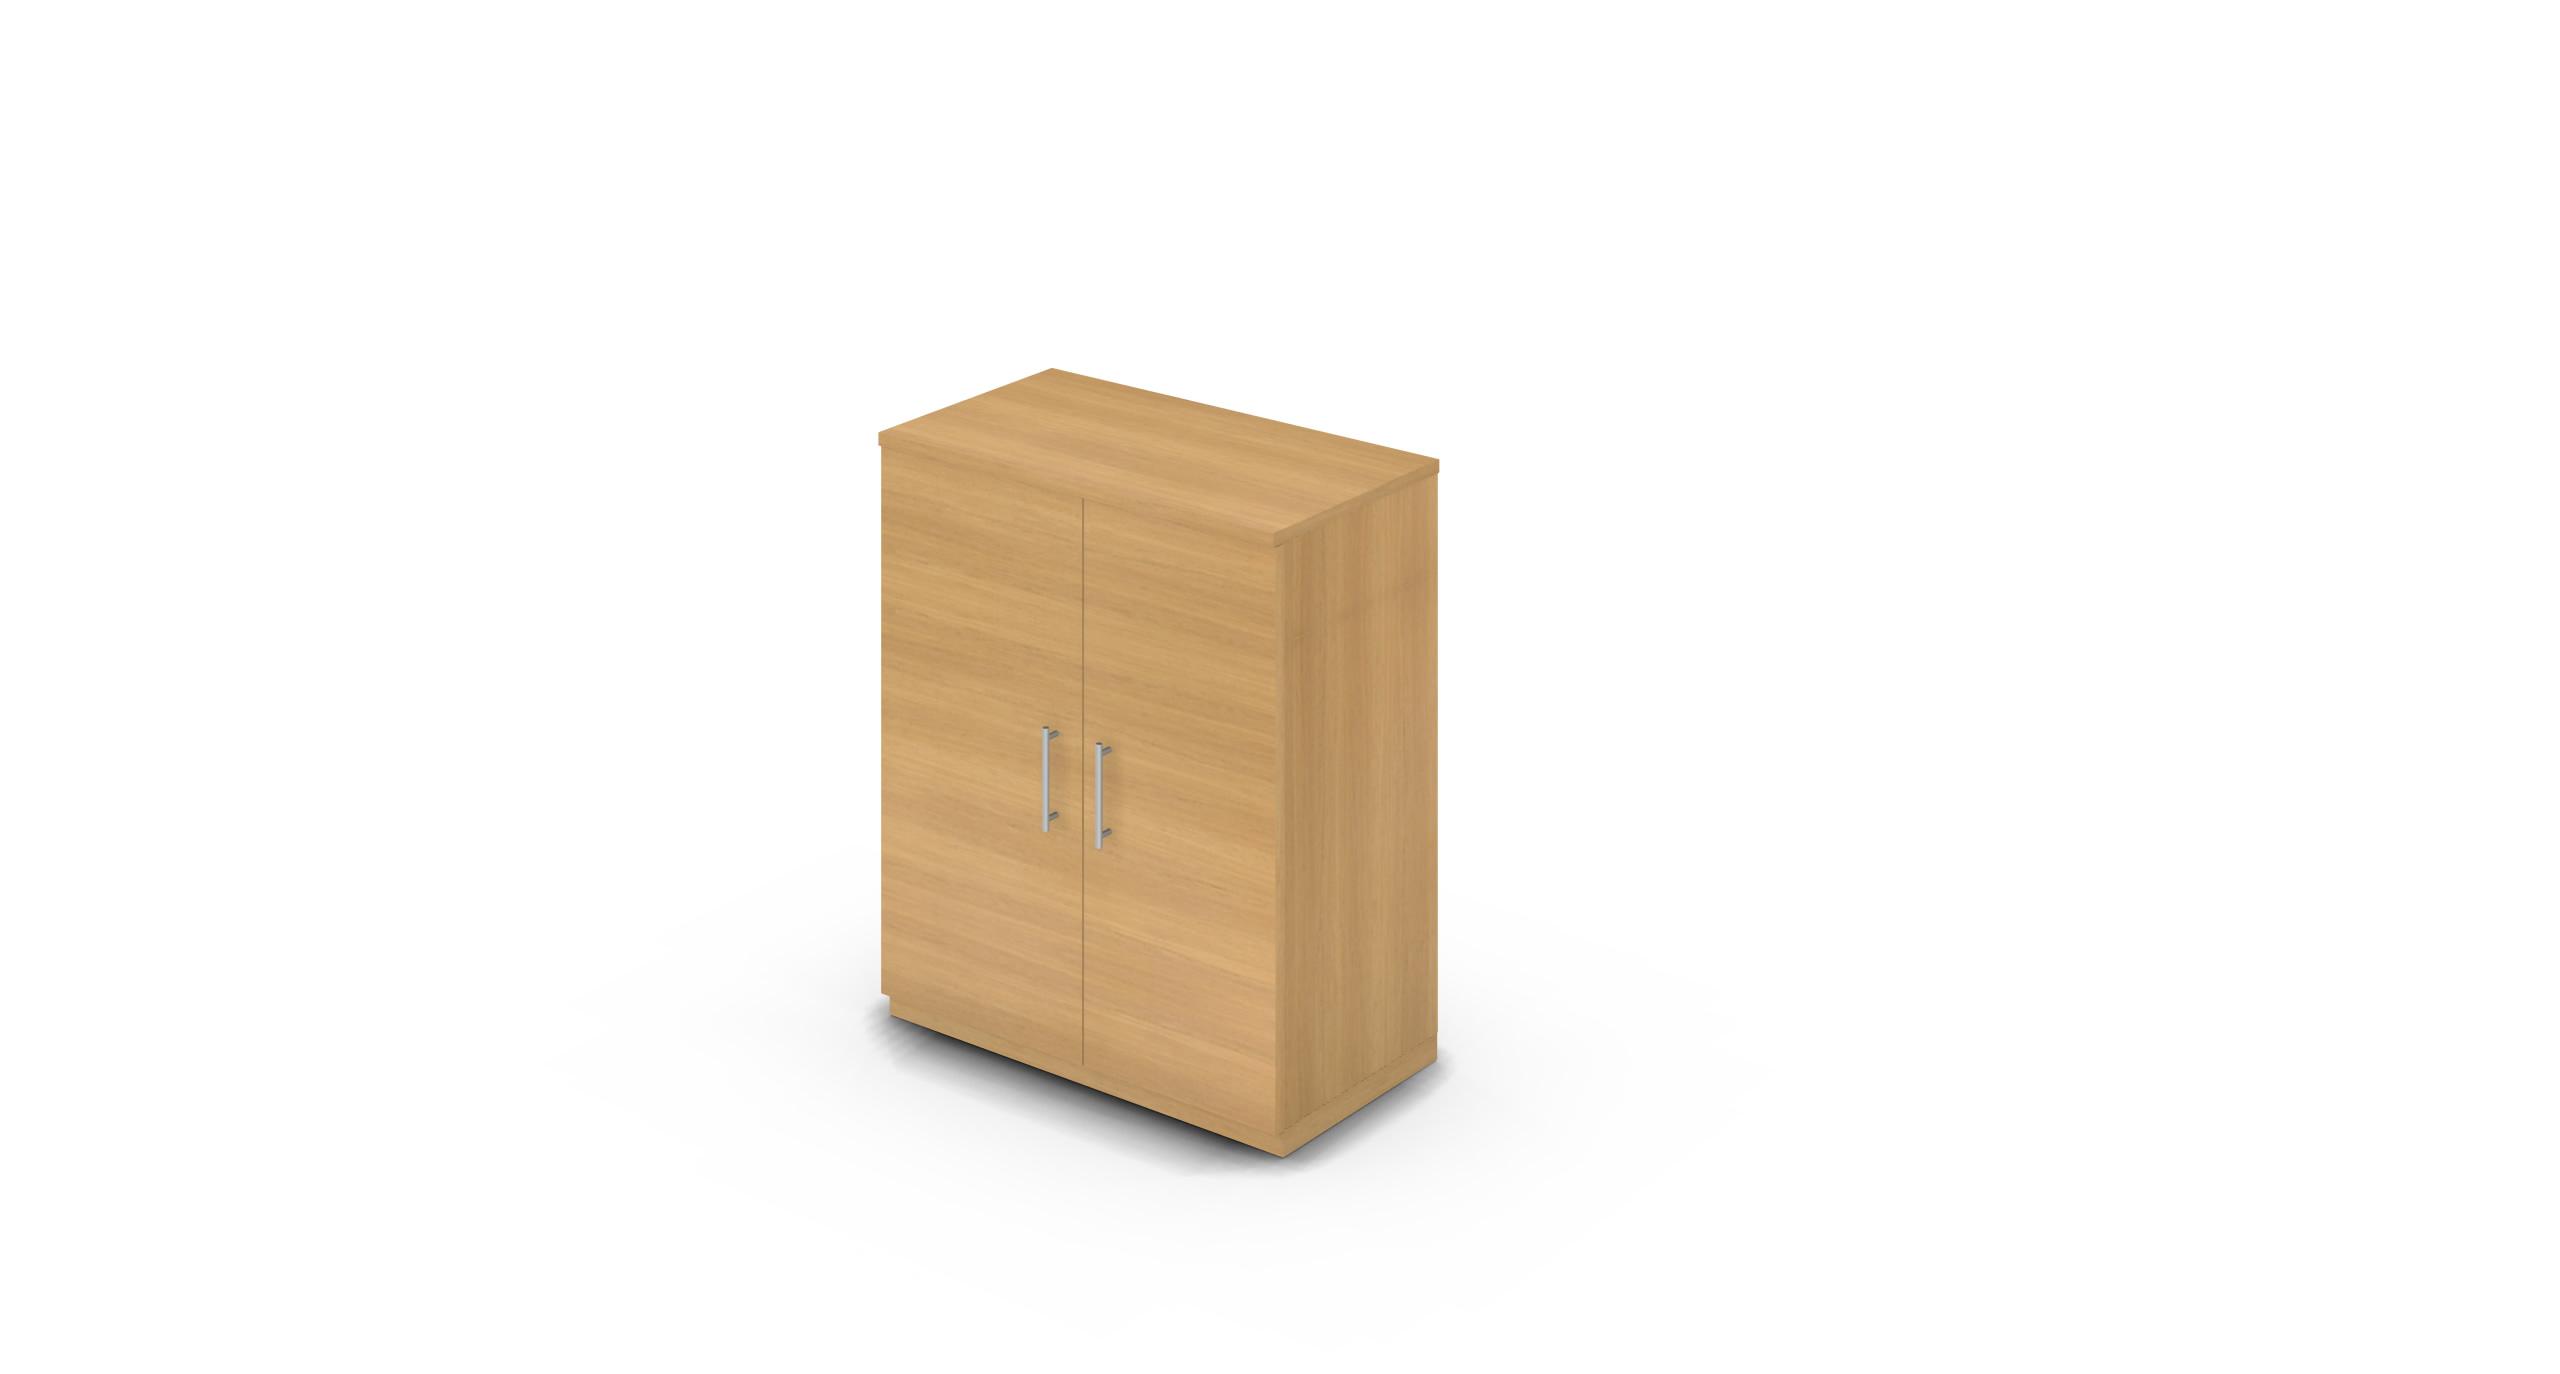 Cabinet_800x450x1125_HD_Oak_Bar_Round_NoCylinder